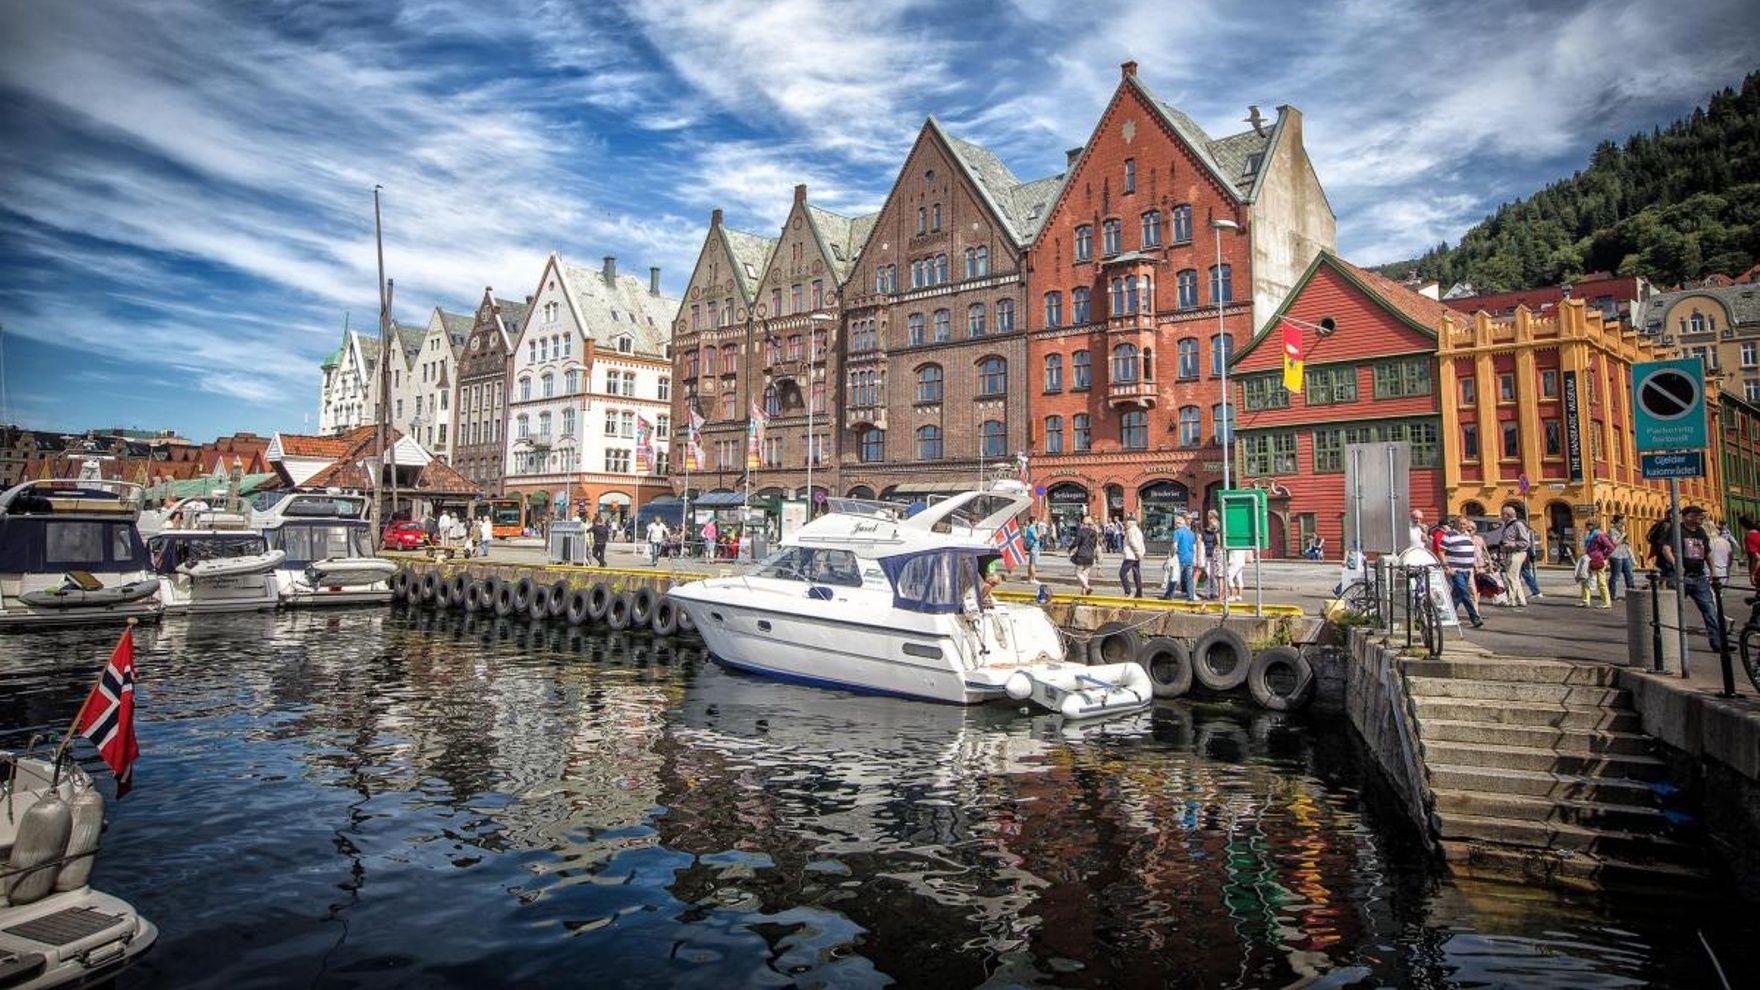 Семейно-дружеская флотилия по Норвегии 2020